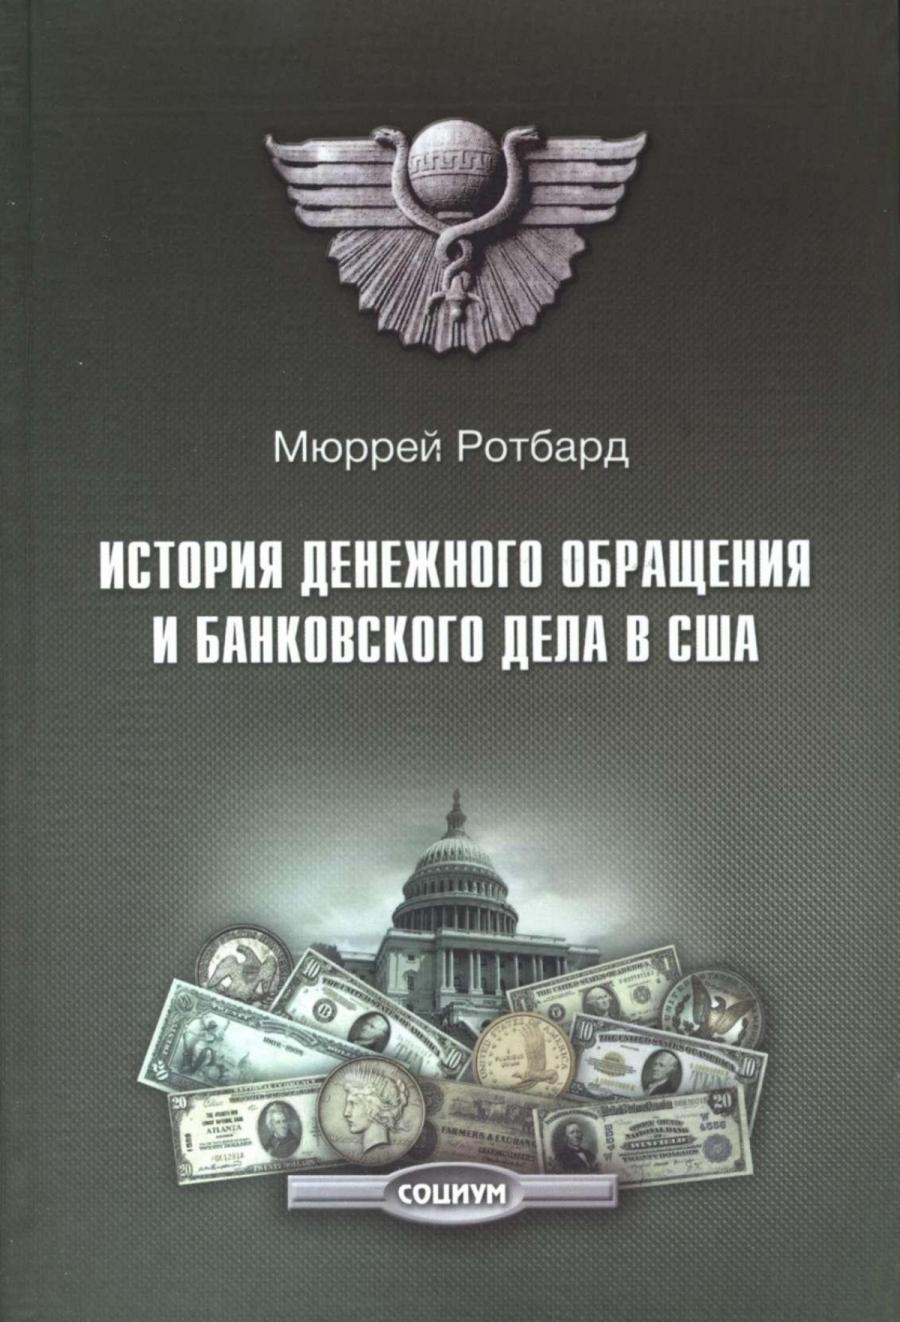 Обложка книги:  ротбард мюррей - история денежного обращения и банковского дела в сша.